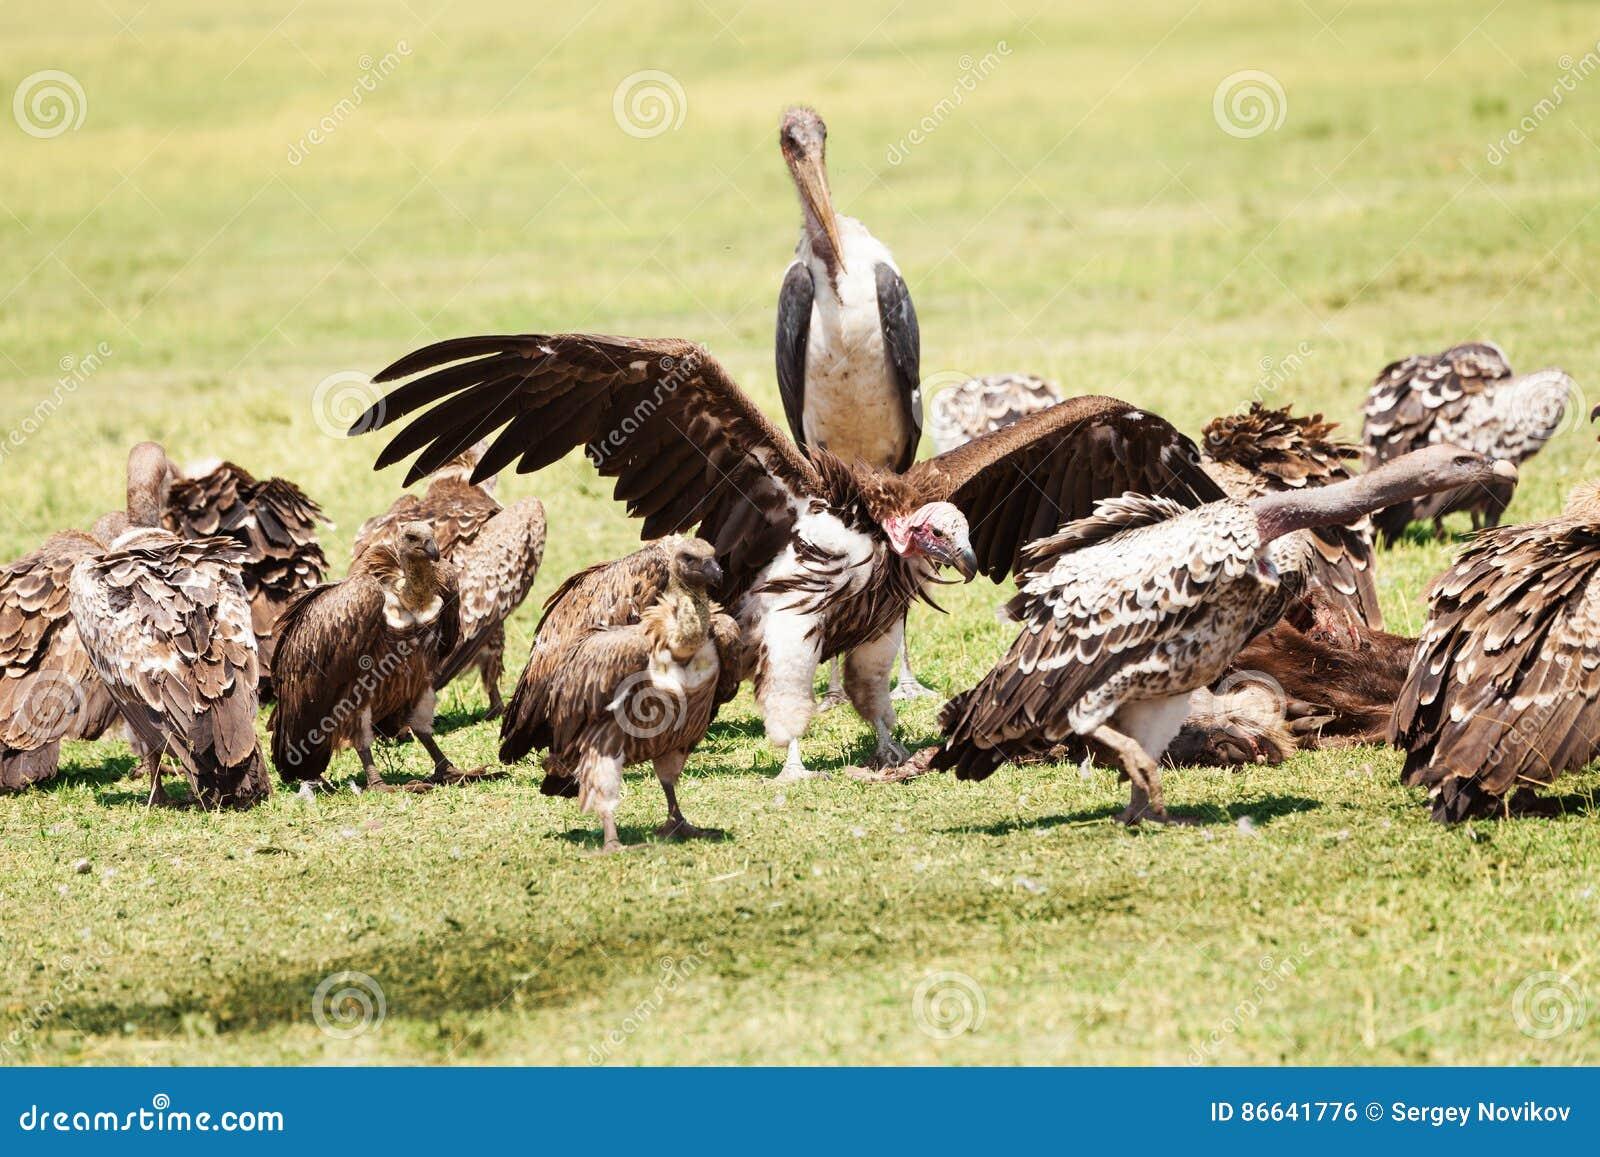 https://thumbs.dreamstime.com/z/marabout-se-tenant-au-milieu-du-troupeau-de-vautours-86641776.jpg